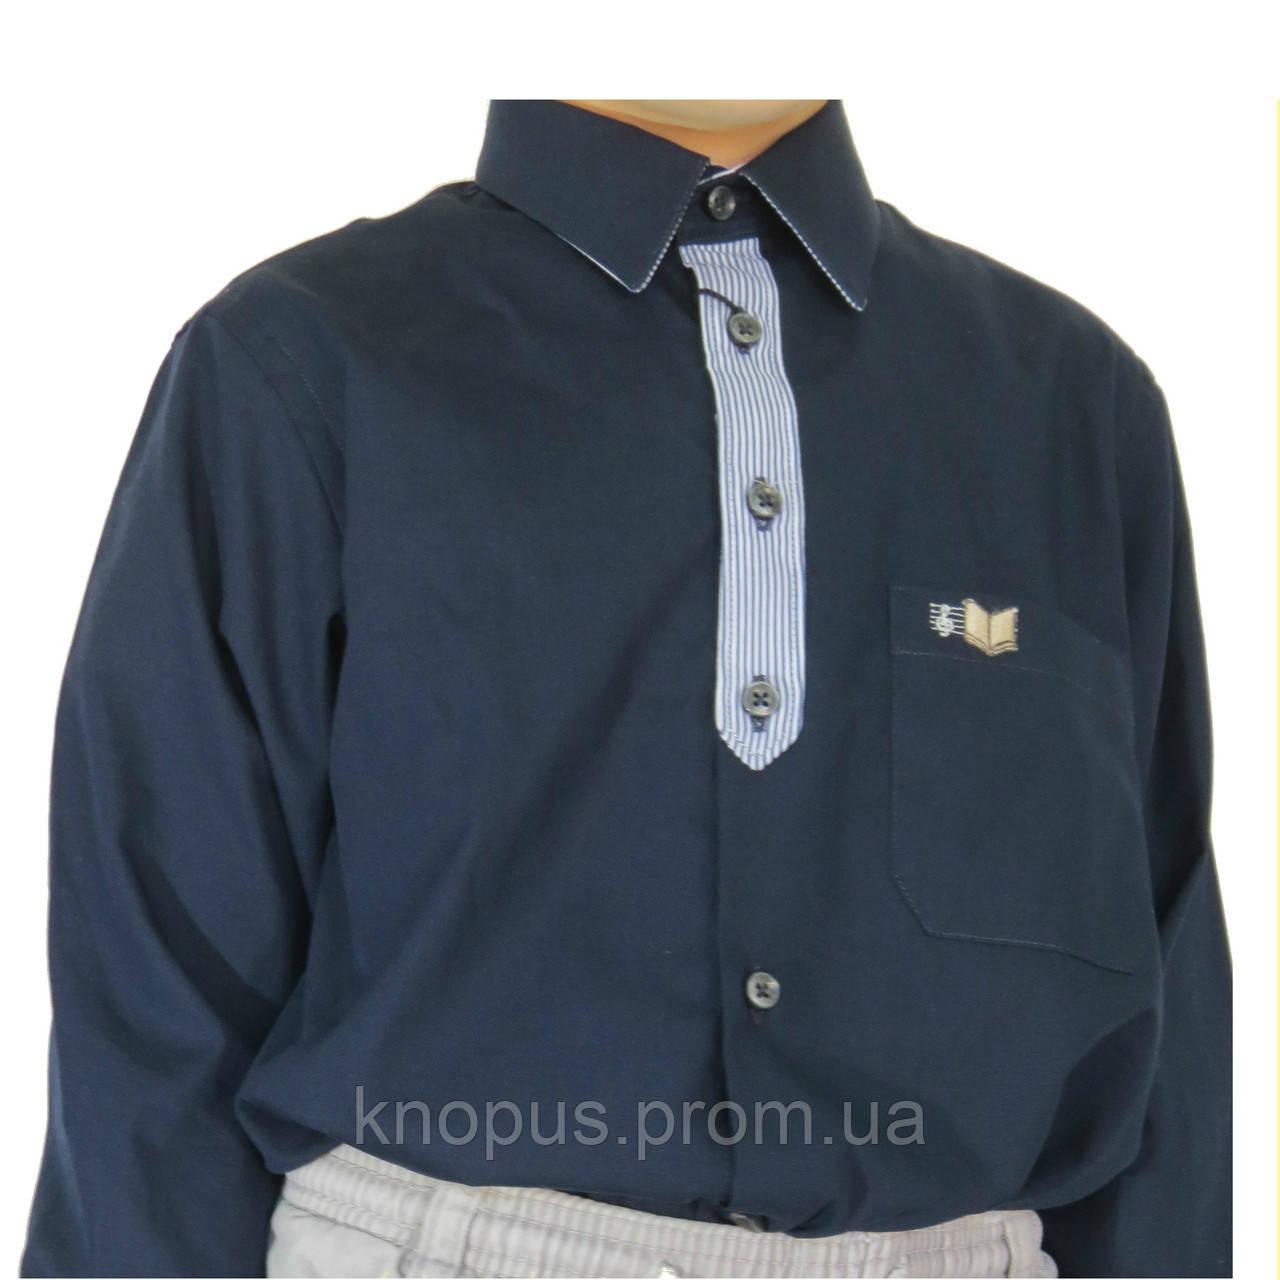 Рубашка для мальчика синяя с декоративной планкой и вышивкой на кармане, Davanti, Украина. На  6-18 лет.